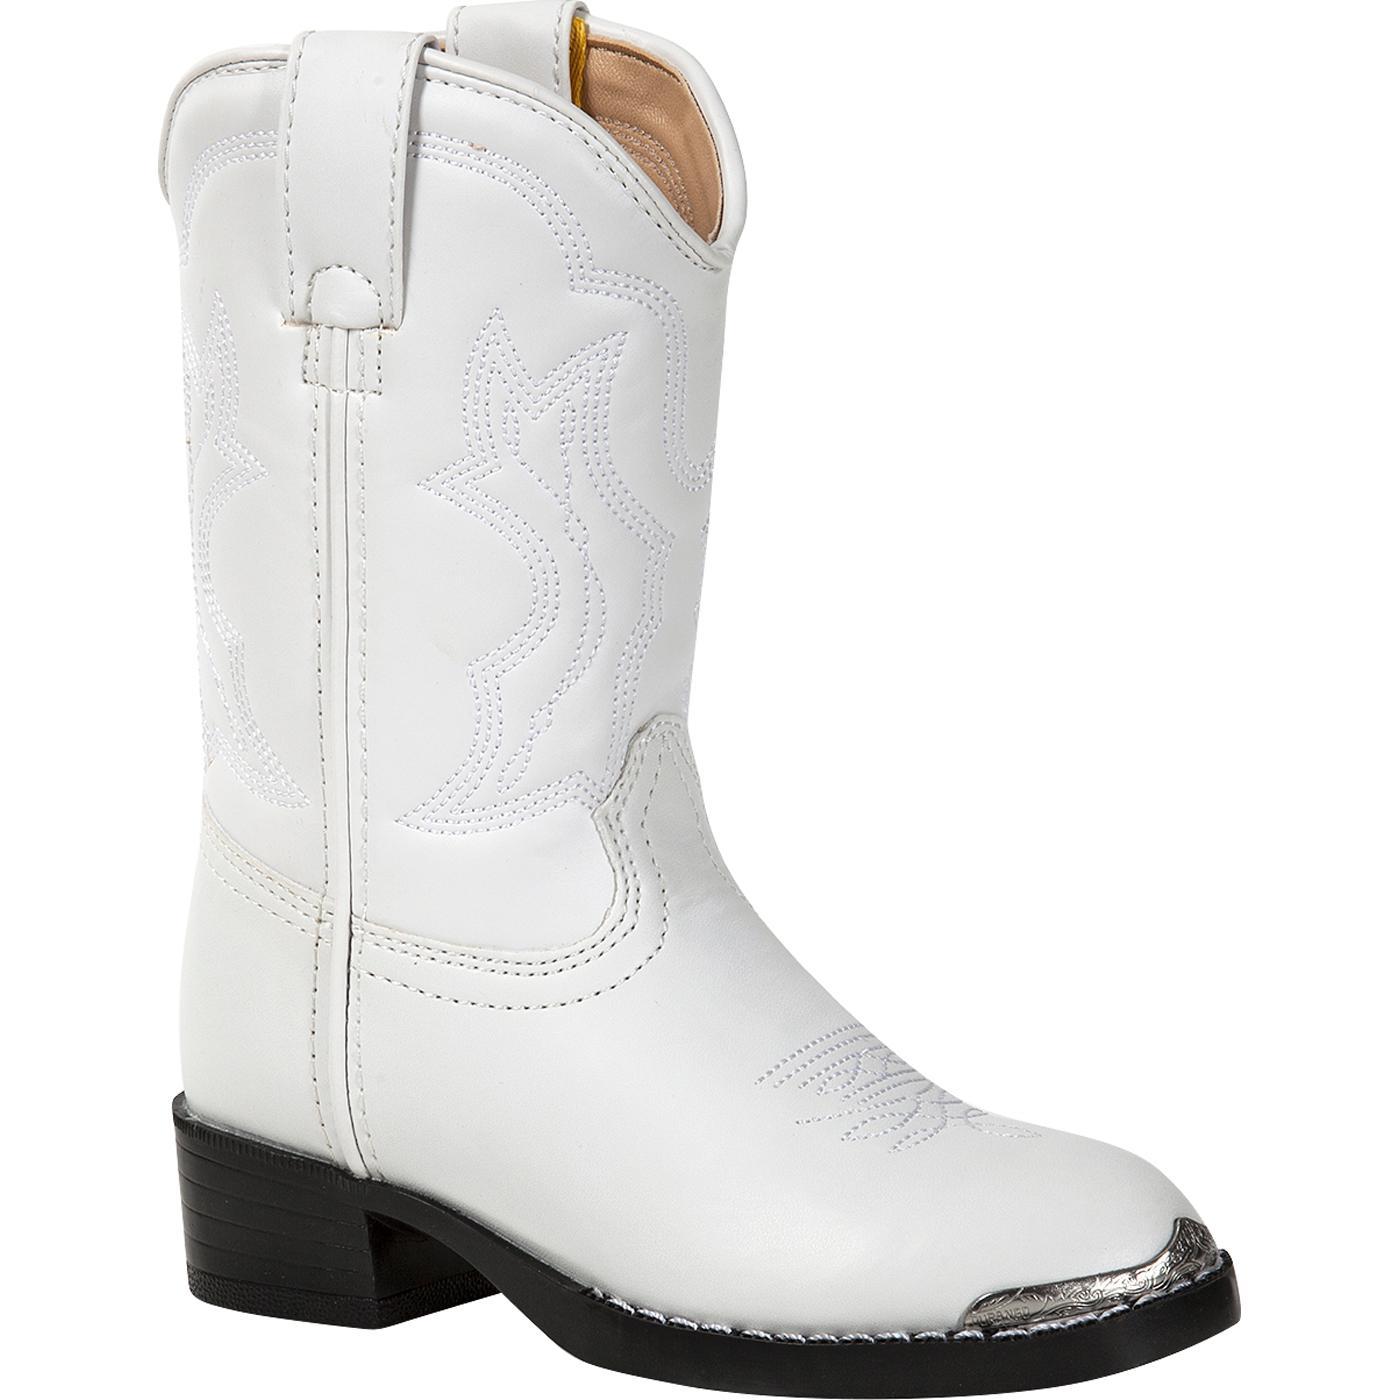 venta outlet orden claro y distintivo Botas vaqueras blancas para niños pequeños Durango